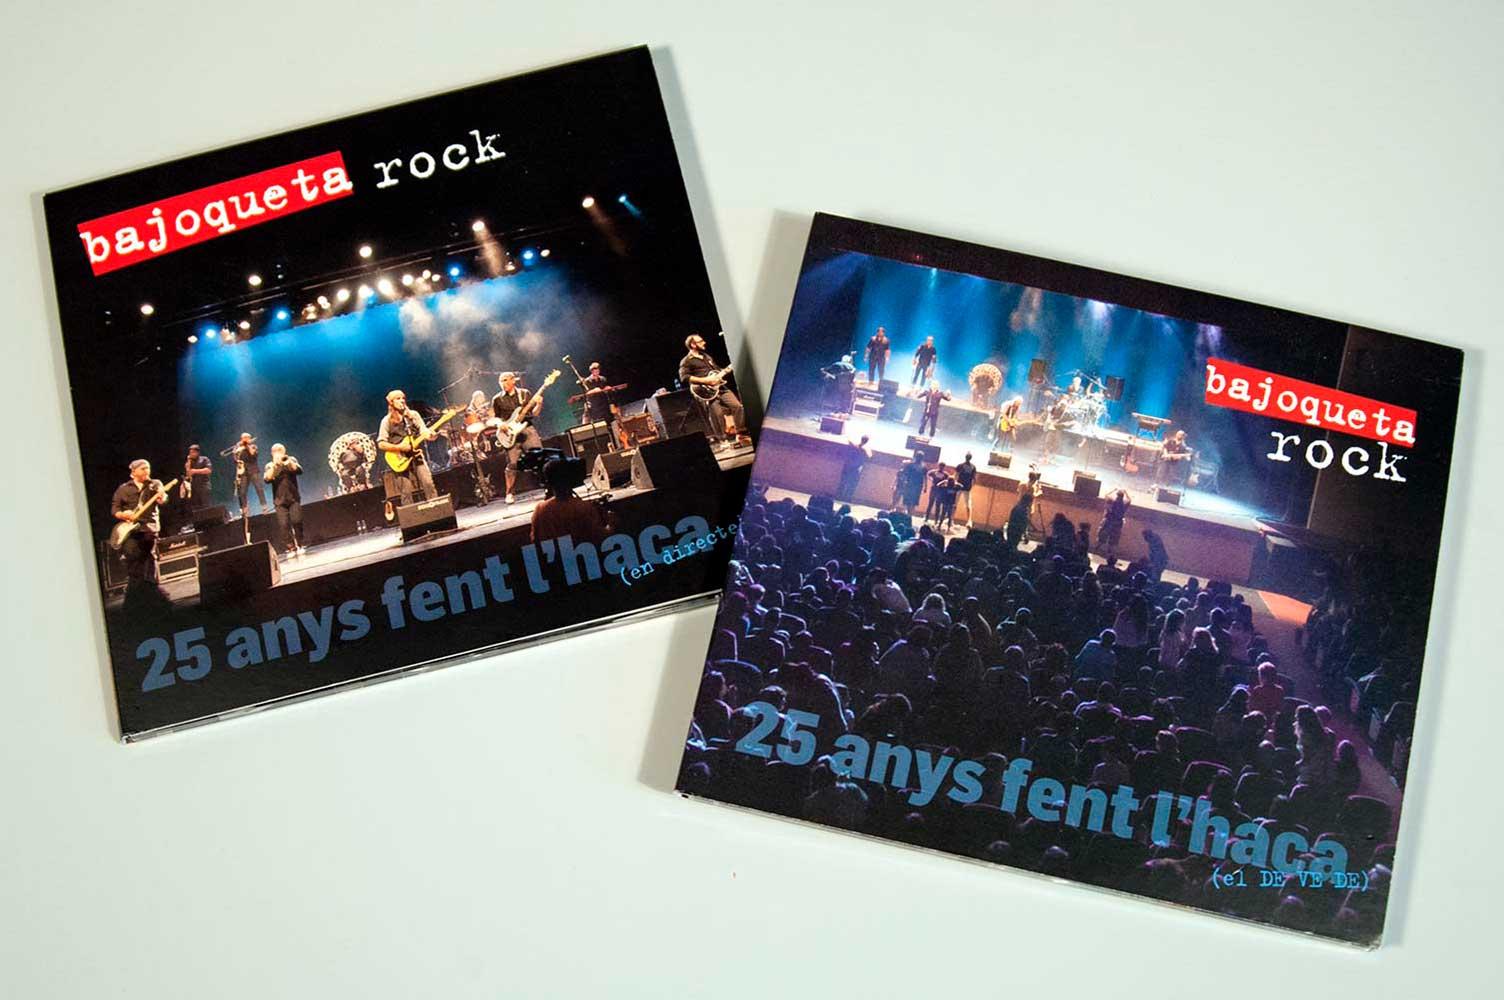 Diseño CD y DVD Bajoqueta rock 25 aniversari